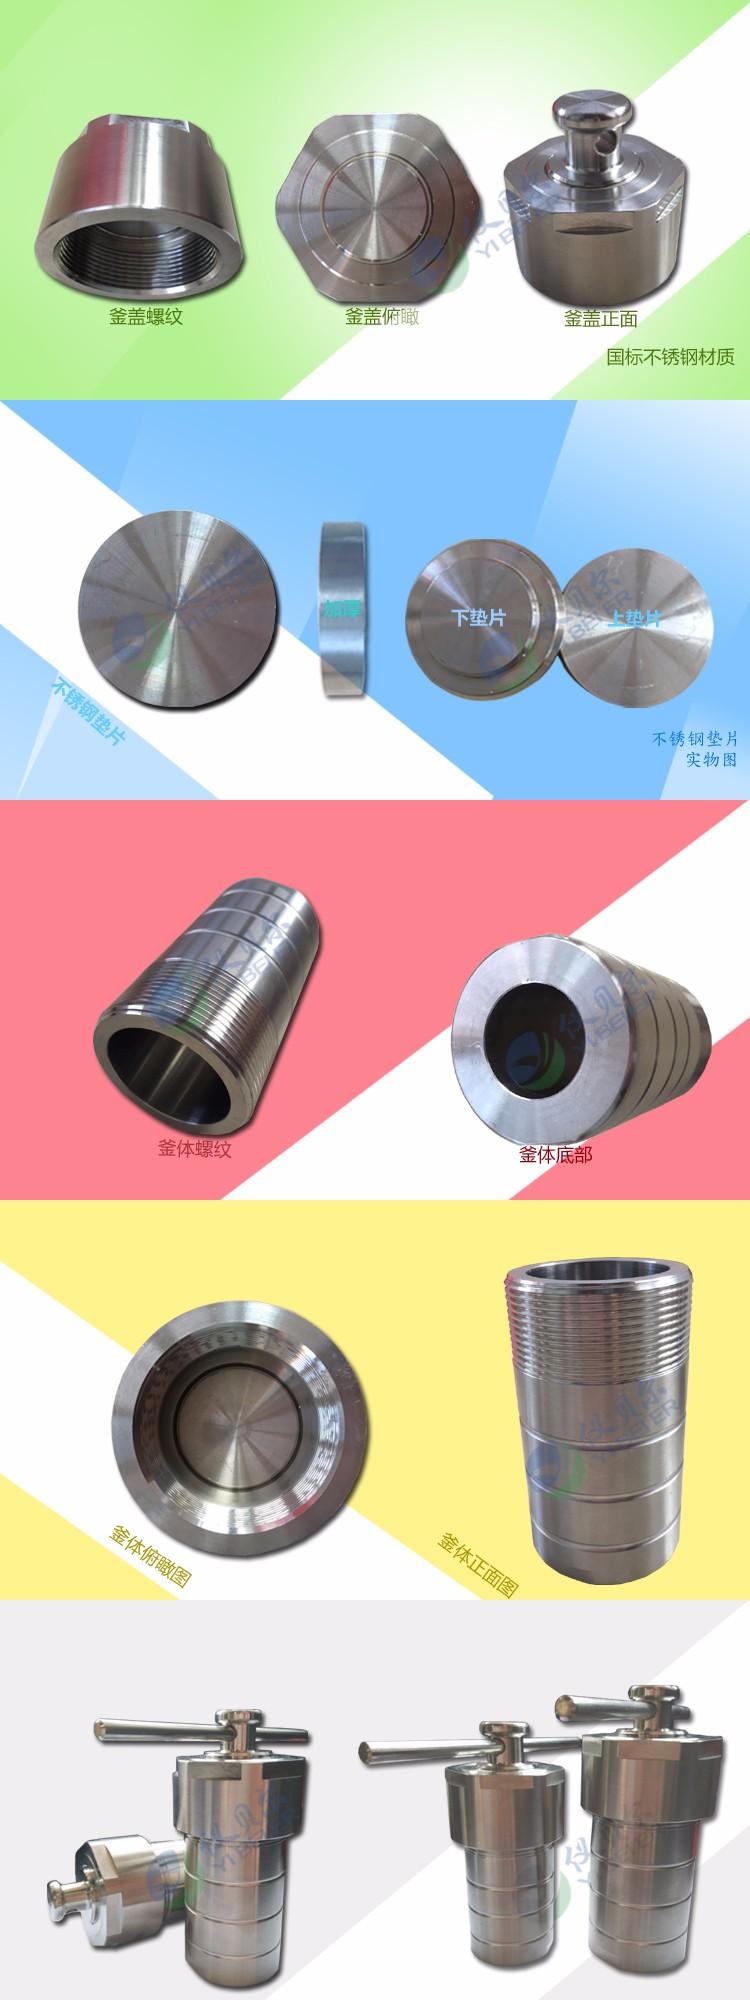 水热合成反应釜 不锈钢材质